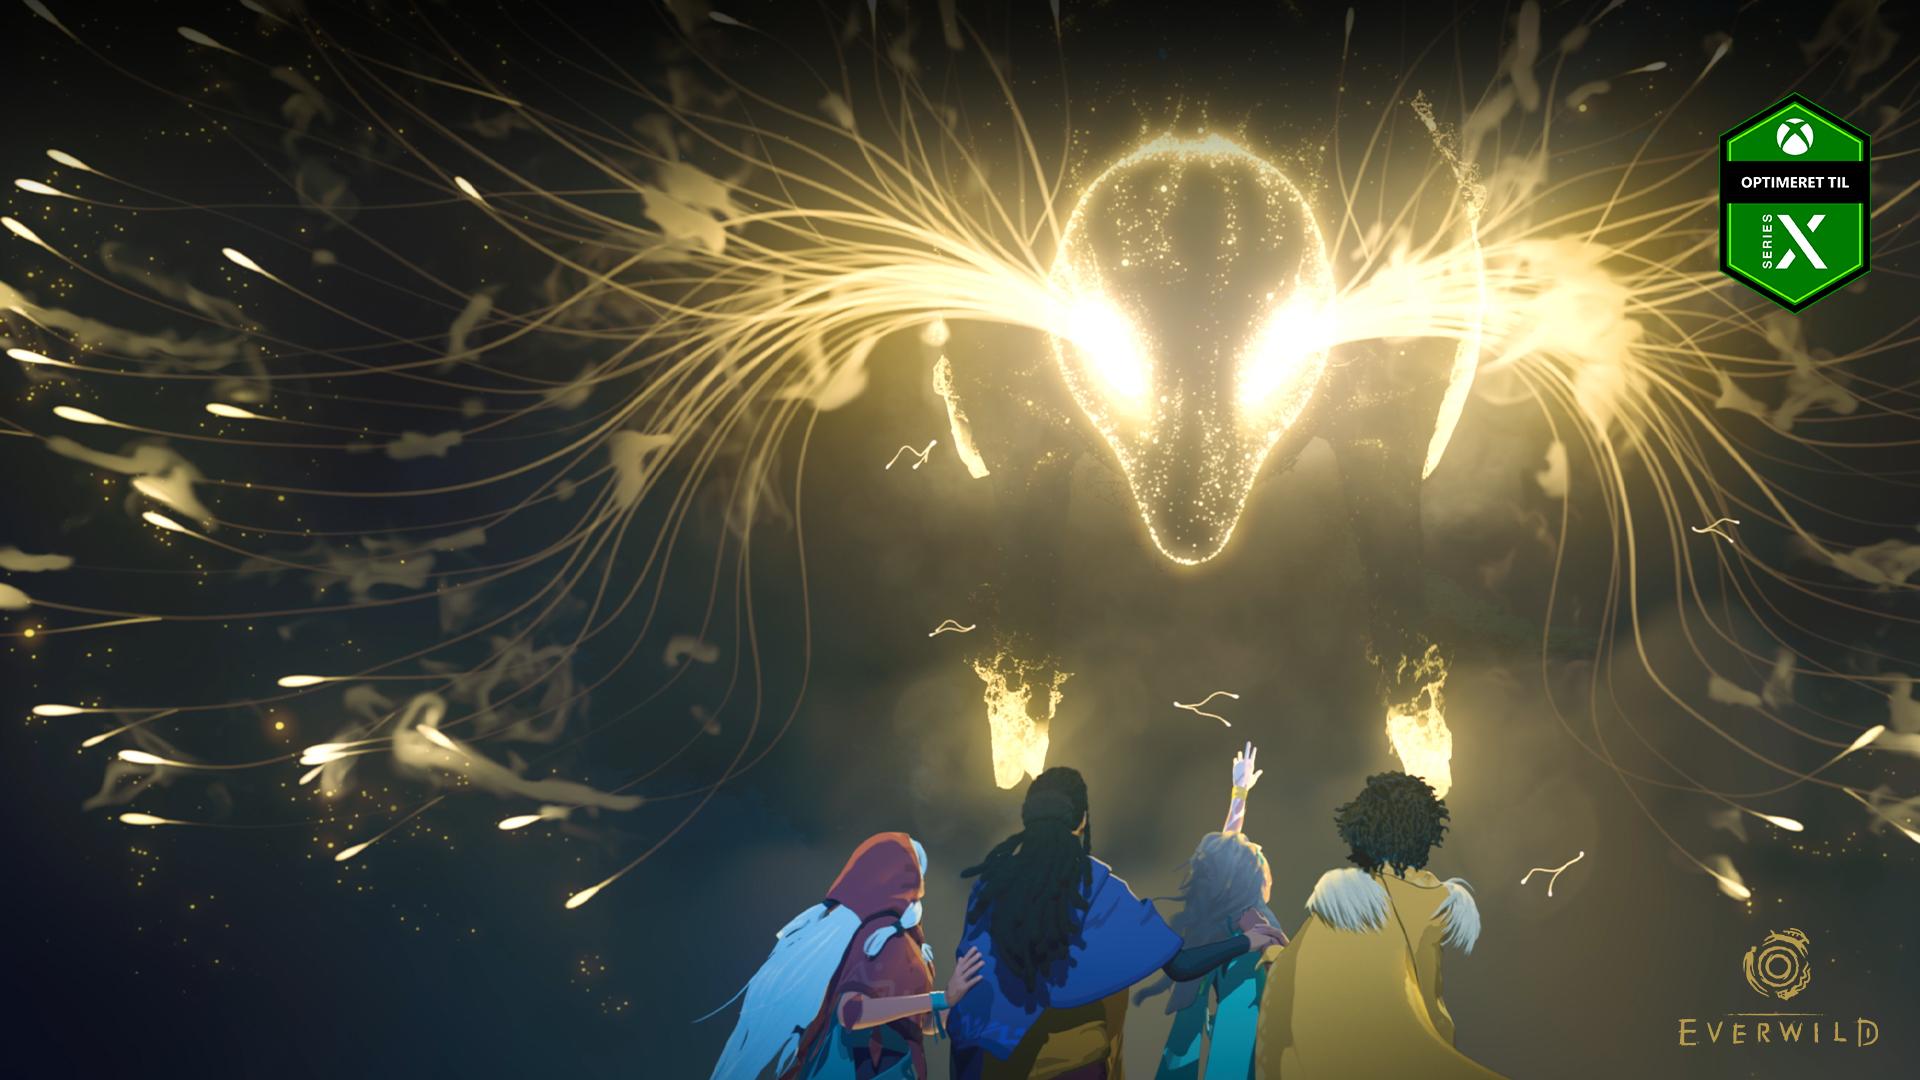 Optimeret til Series X, Everwild, en gruppe karakterer står under et hjortehoved lavet af lys.